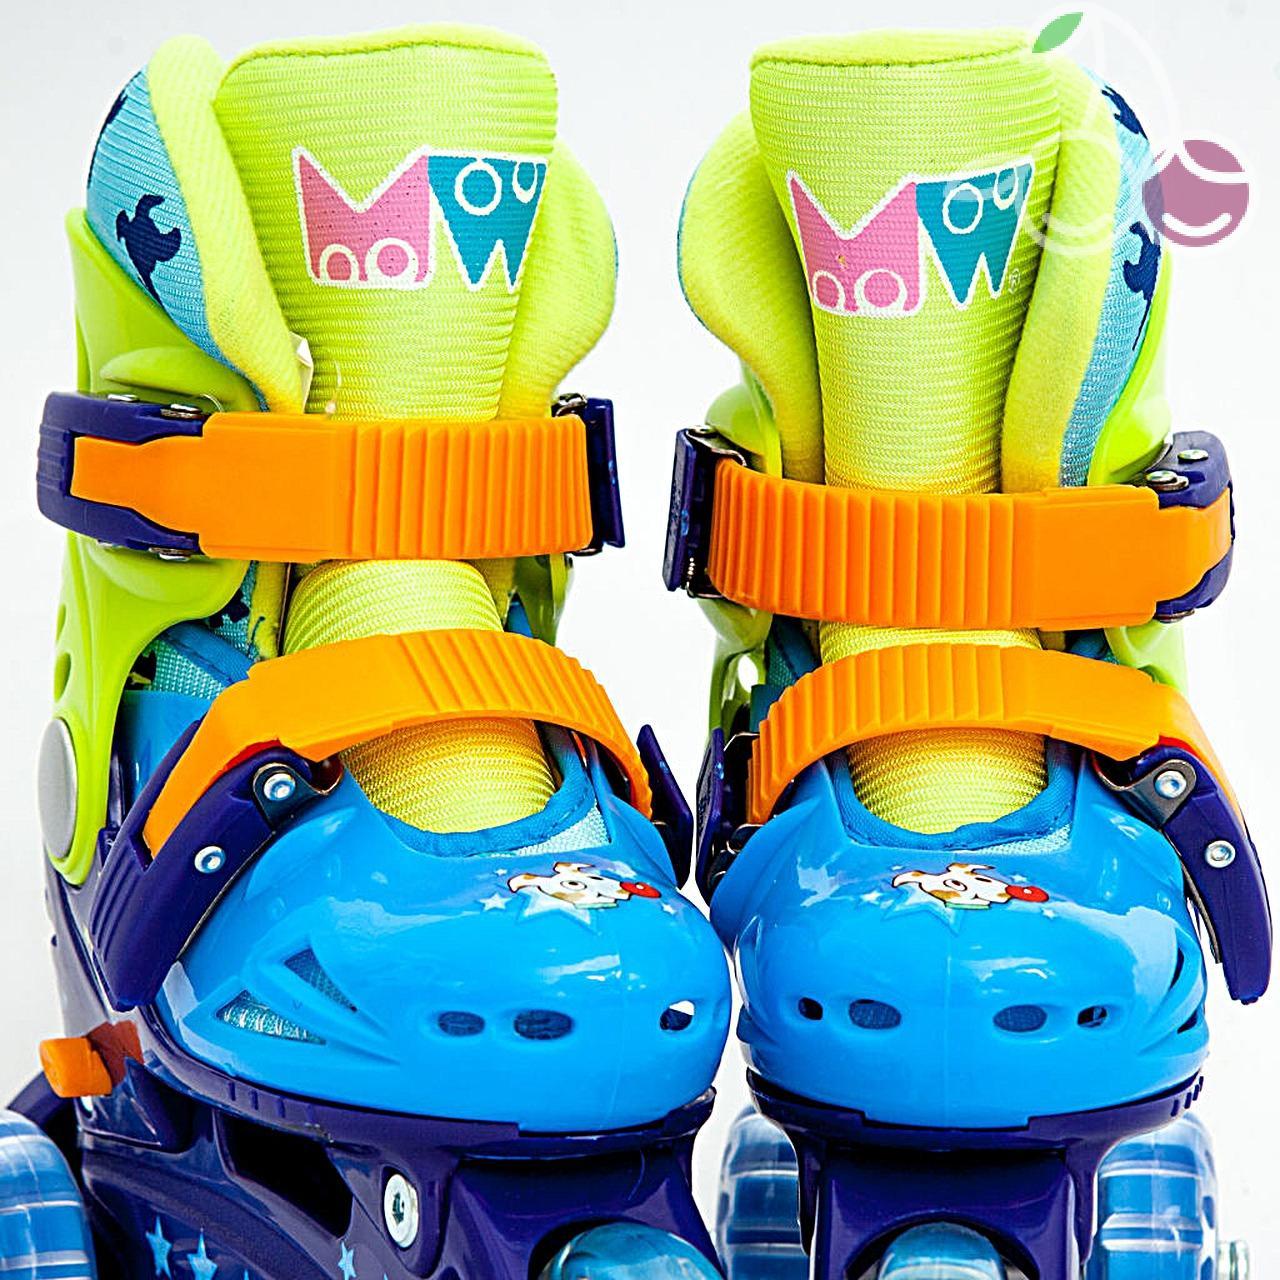 Роликовые коньки детские 27 размер, для обучения (трехколесные, раздвижной ботинок) MagicWheels зеленые, - фото 1